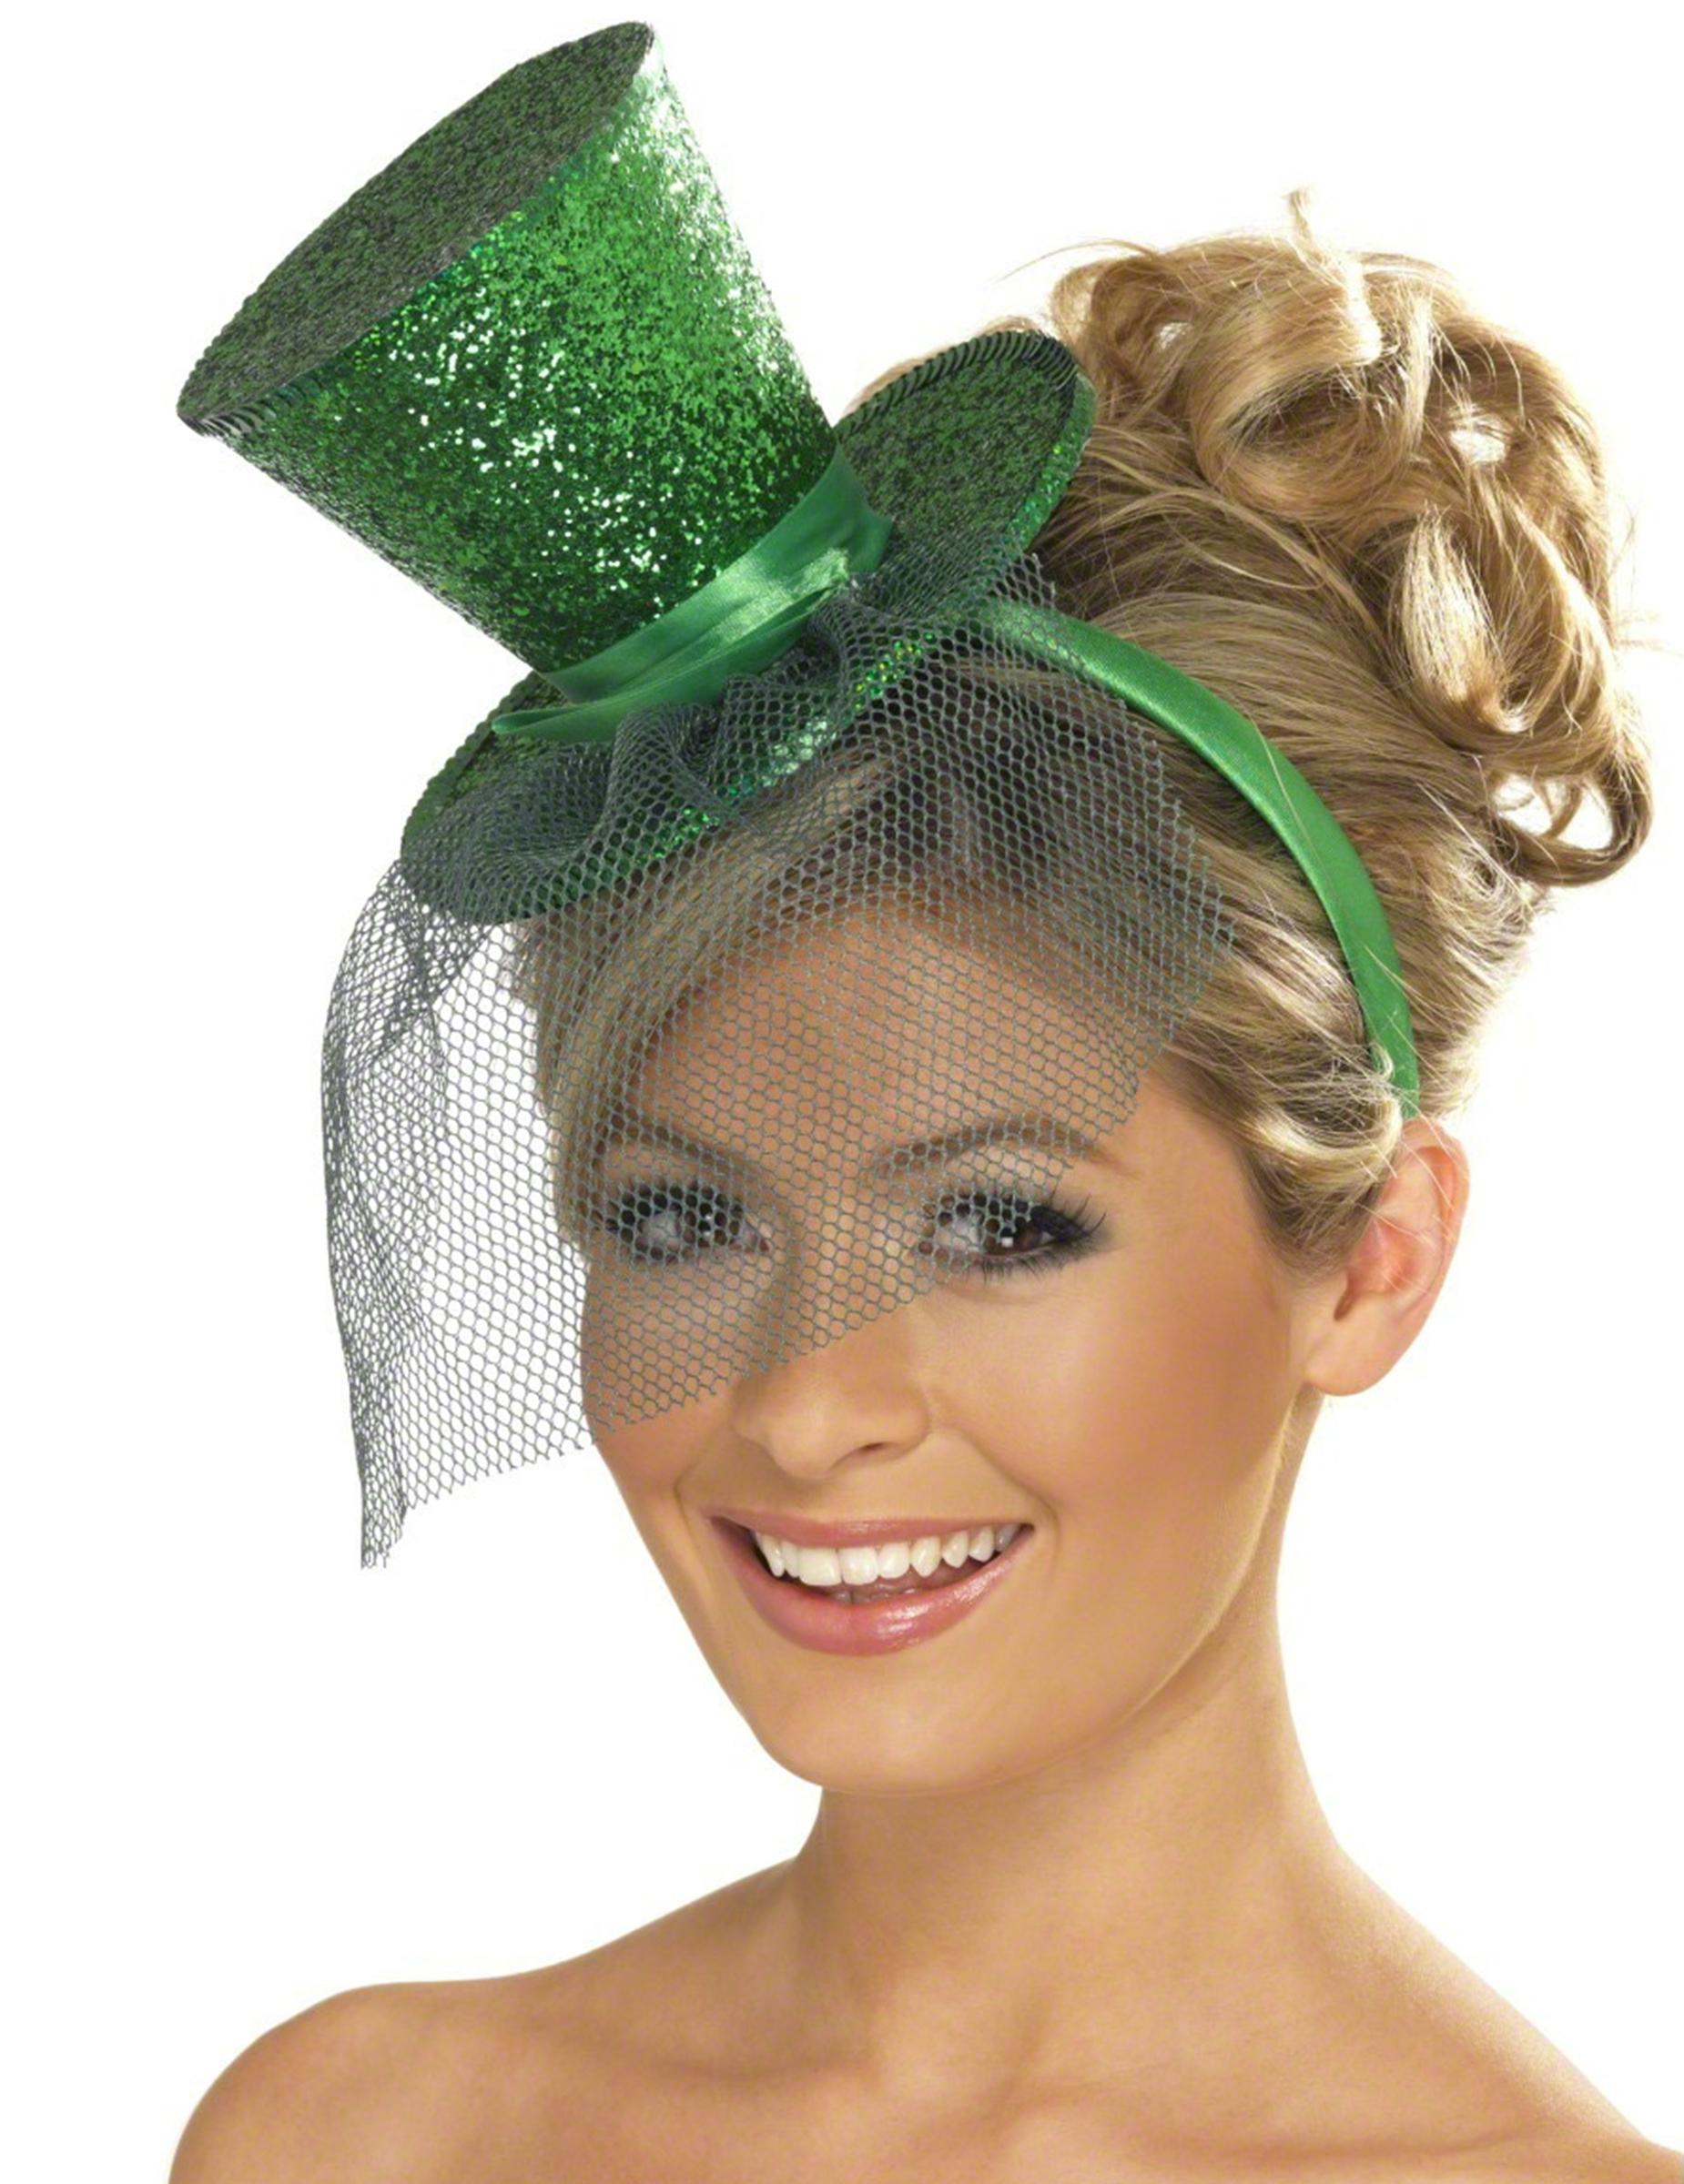 mini chapeau haut de forme vert femme achat de chapeaux sur vegaoopro grossiste en d guisements. Black Bedroom Furniture Sets. Home Design Ideas